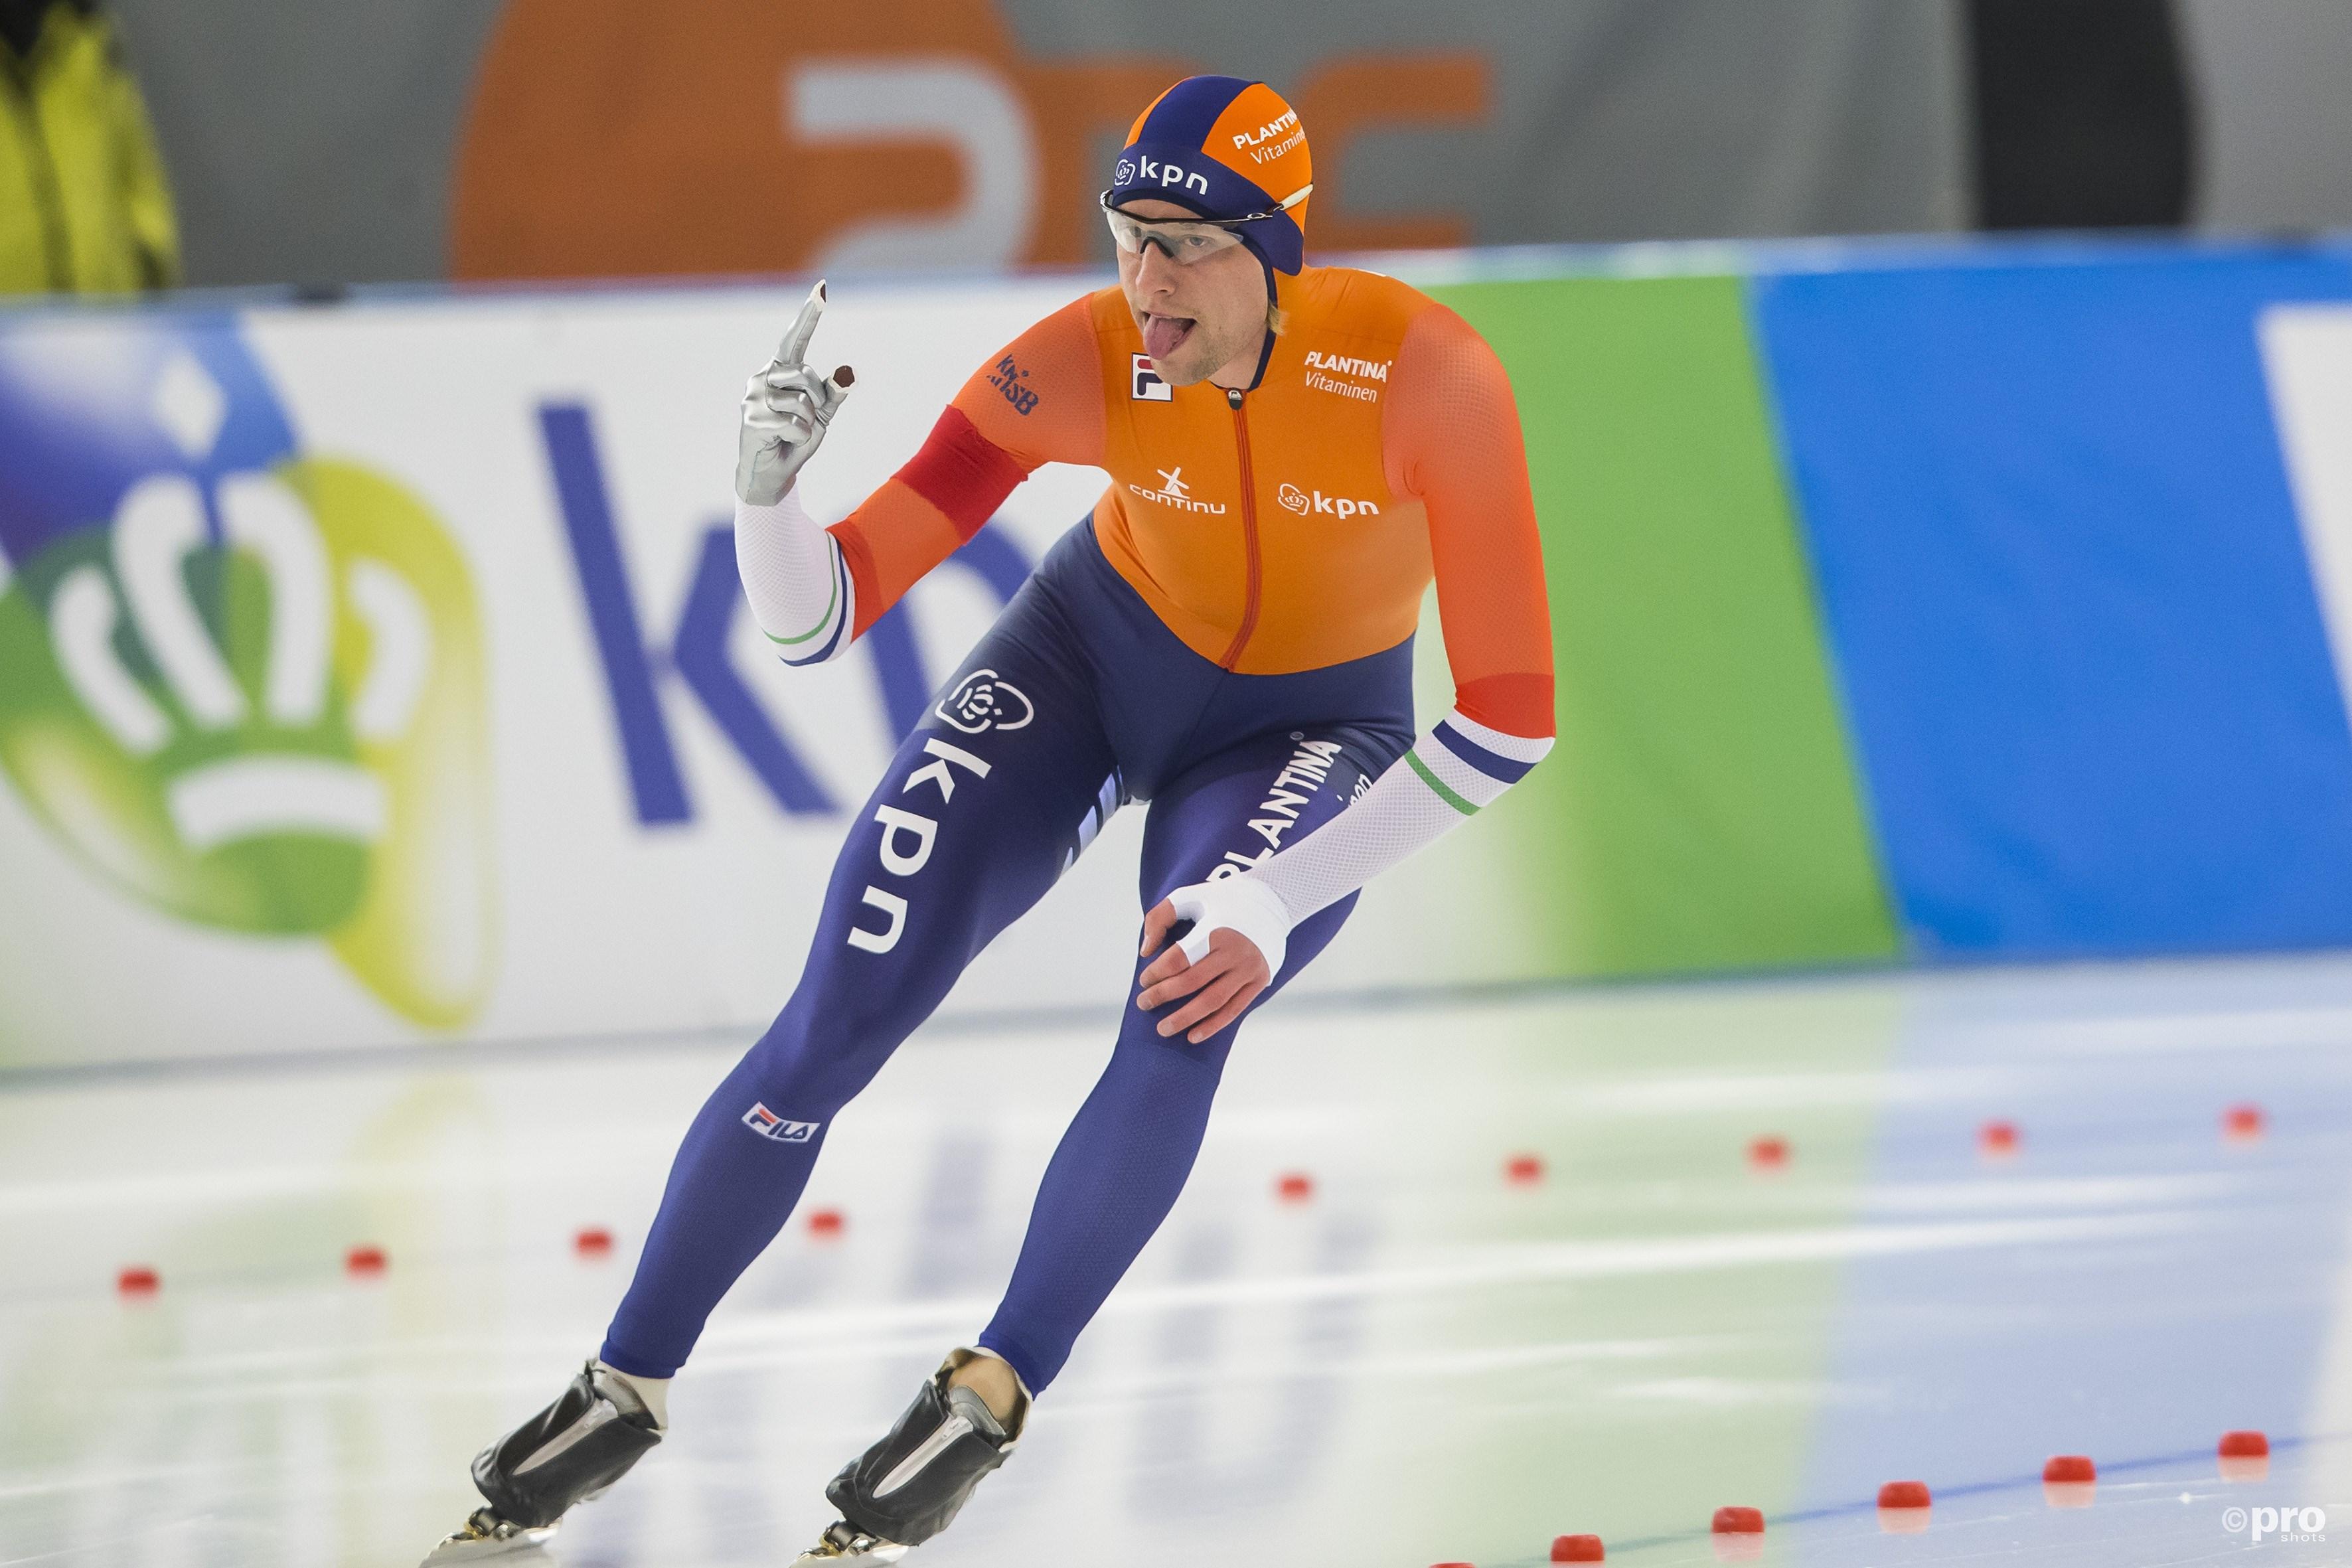 Ronald Mulder is tevreden na zijn 500 meter. (PRO SHOTS/Erik Pasman)